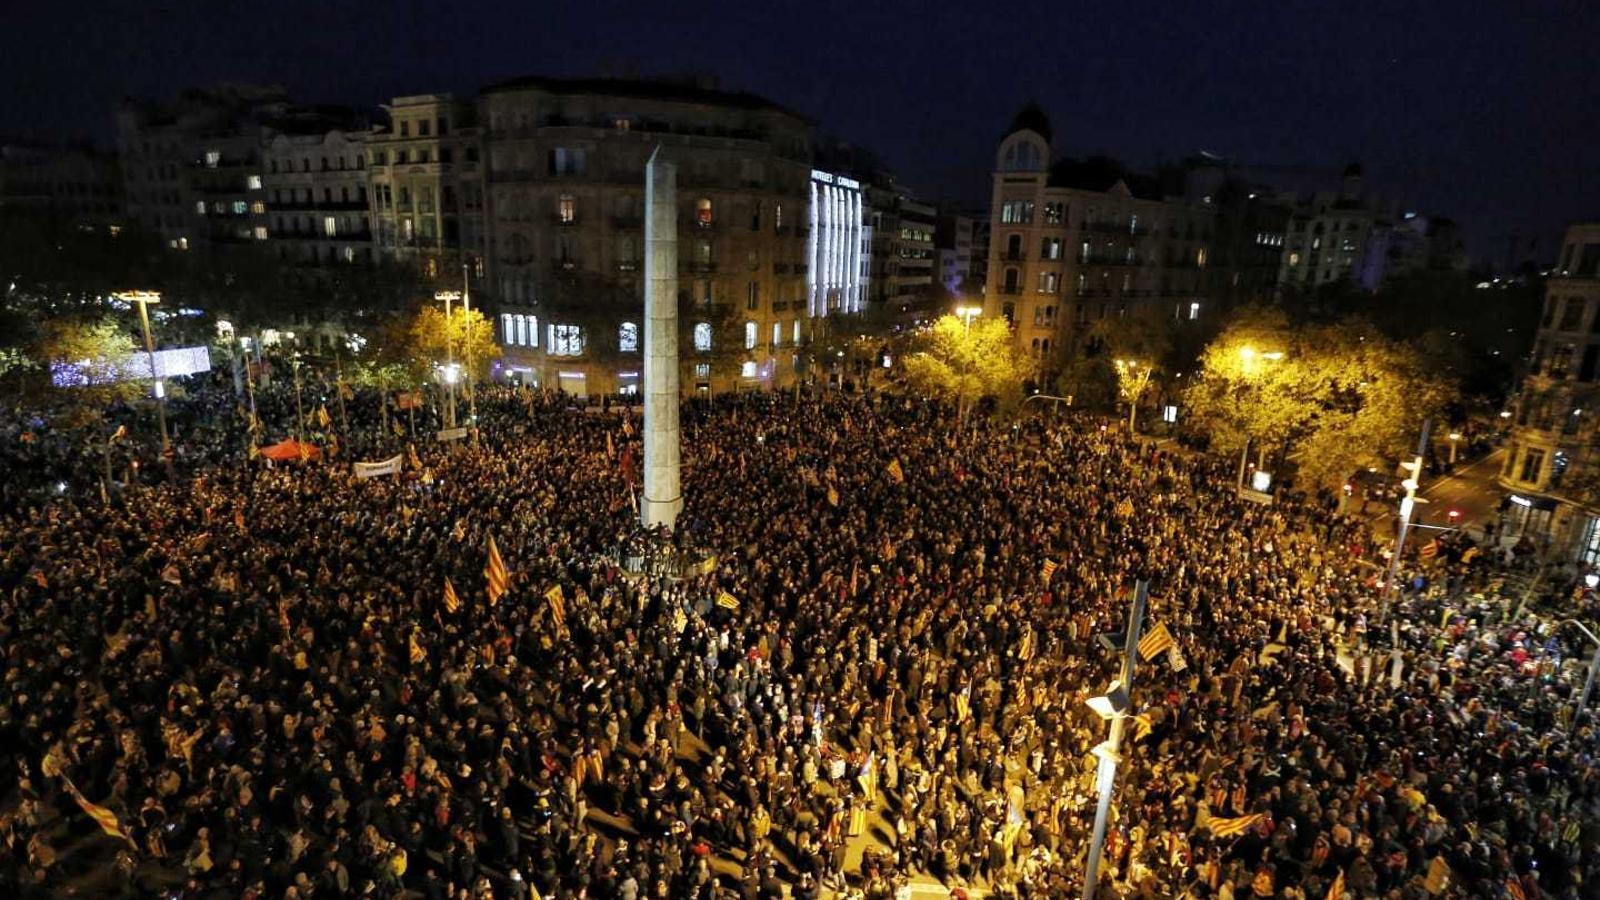 https://www.ara.cat/2018/12/21/imatges/manifestants-placa-del-Cinc-Oros_2147195621_59193305_540x343.jpg